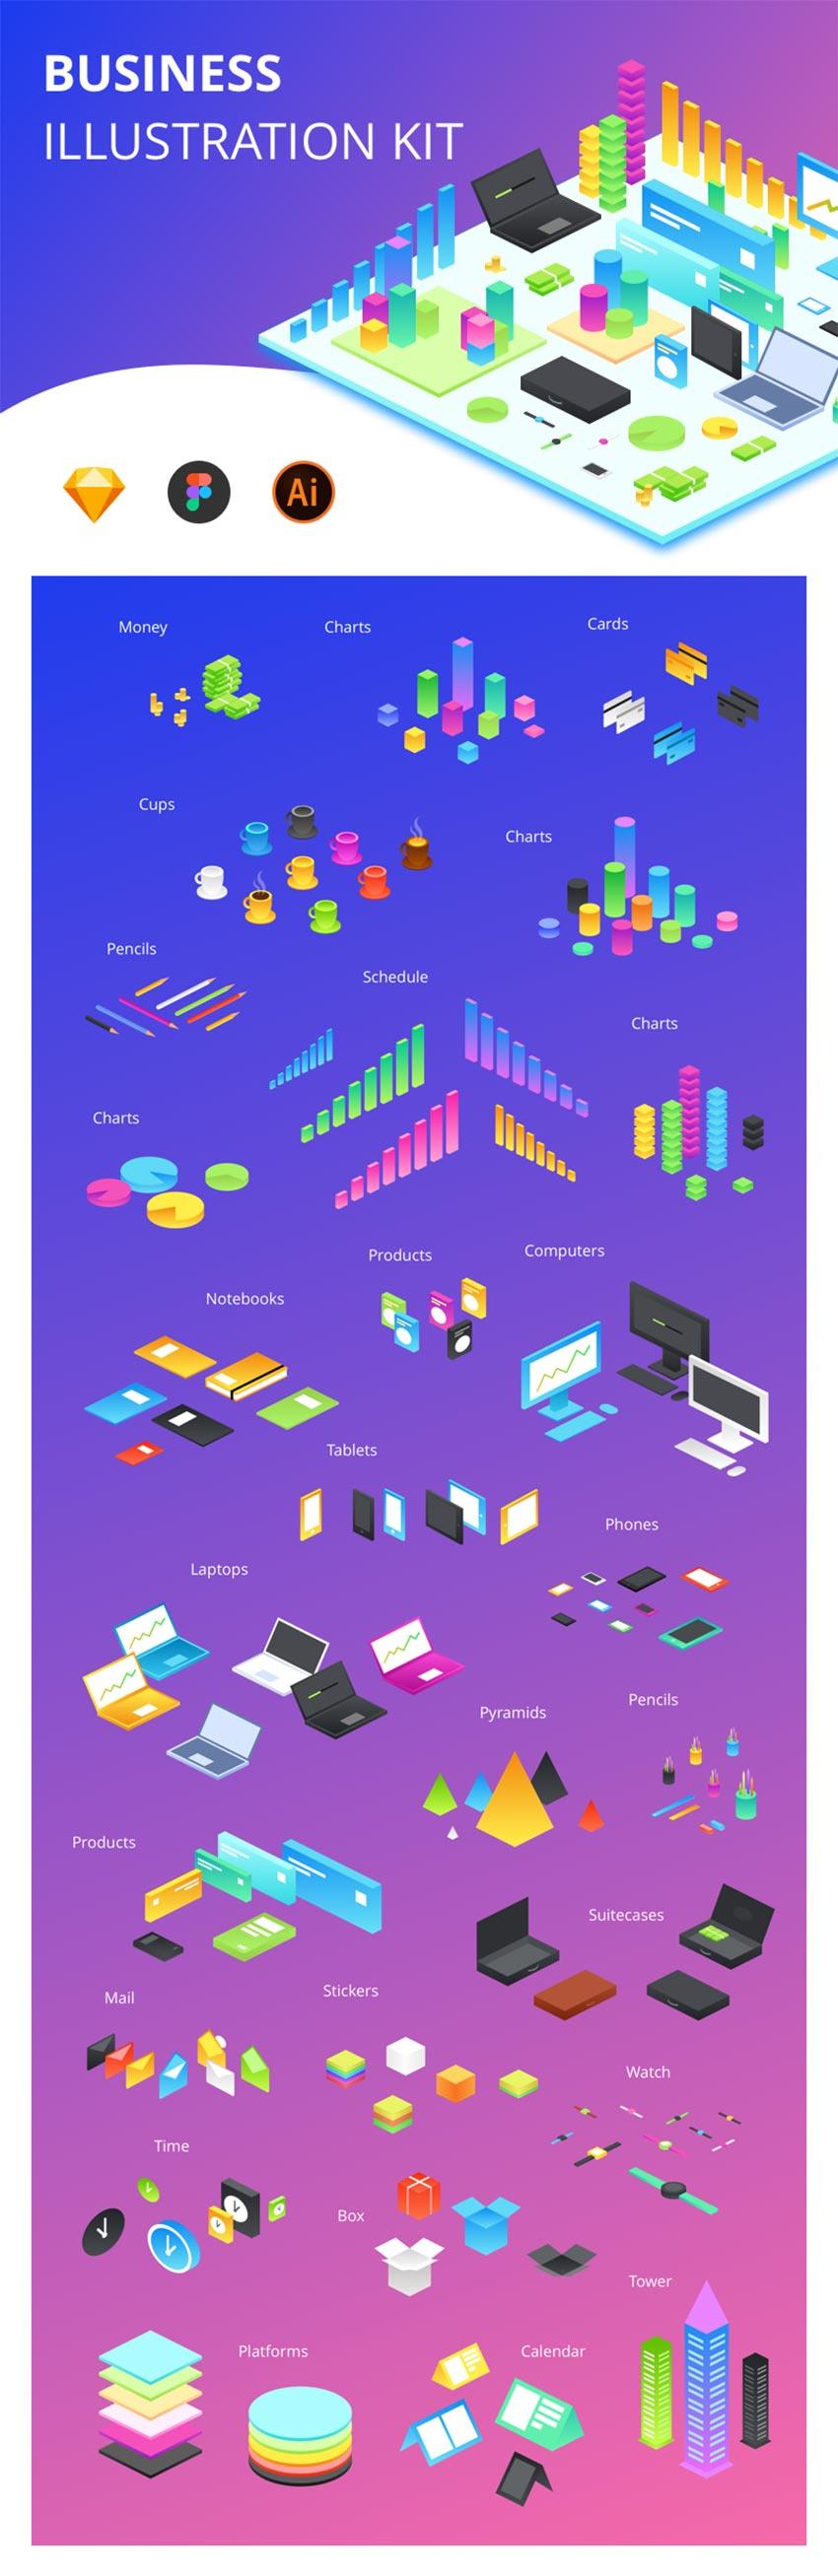 Business Illustration UI Kit